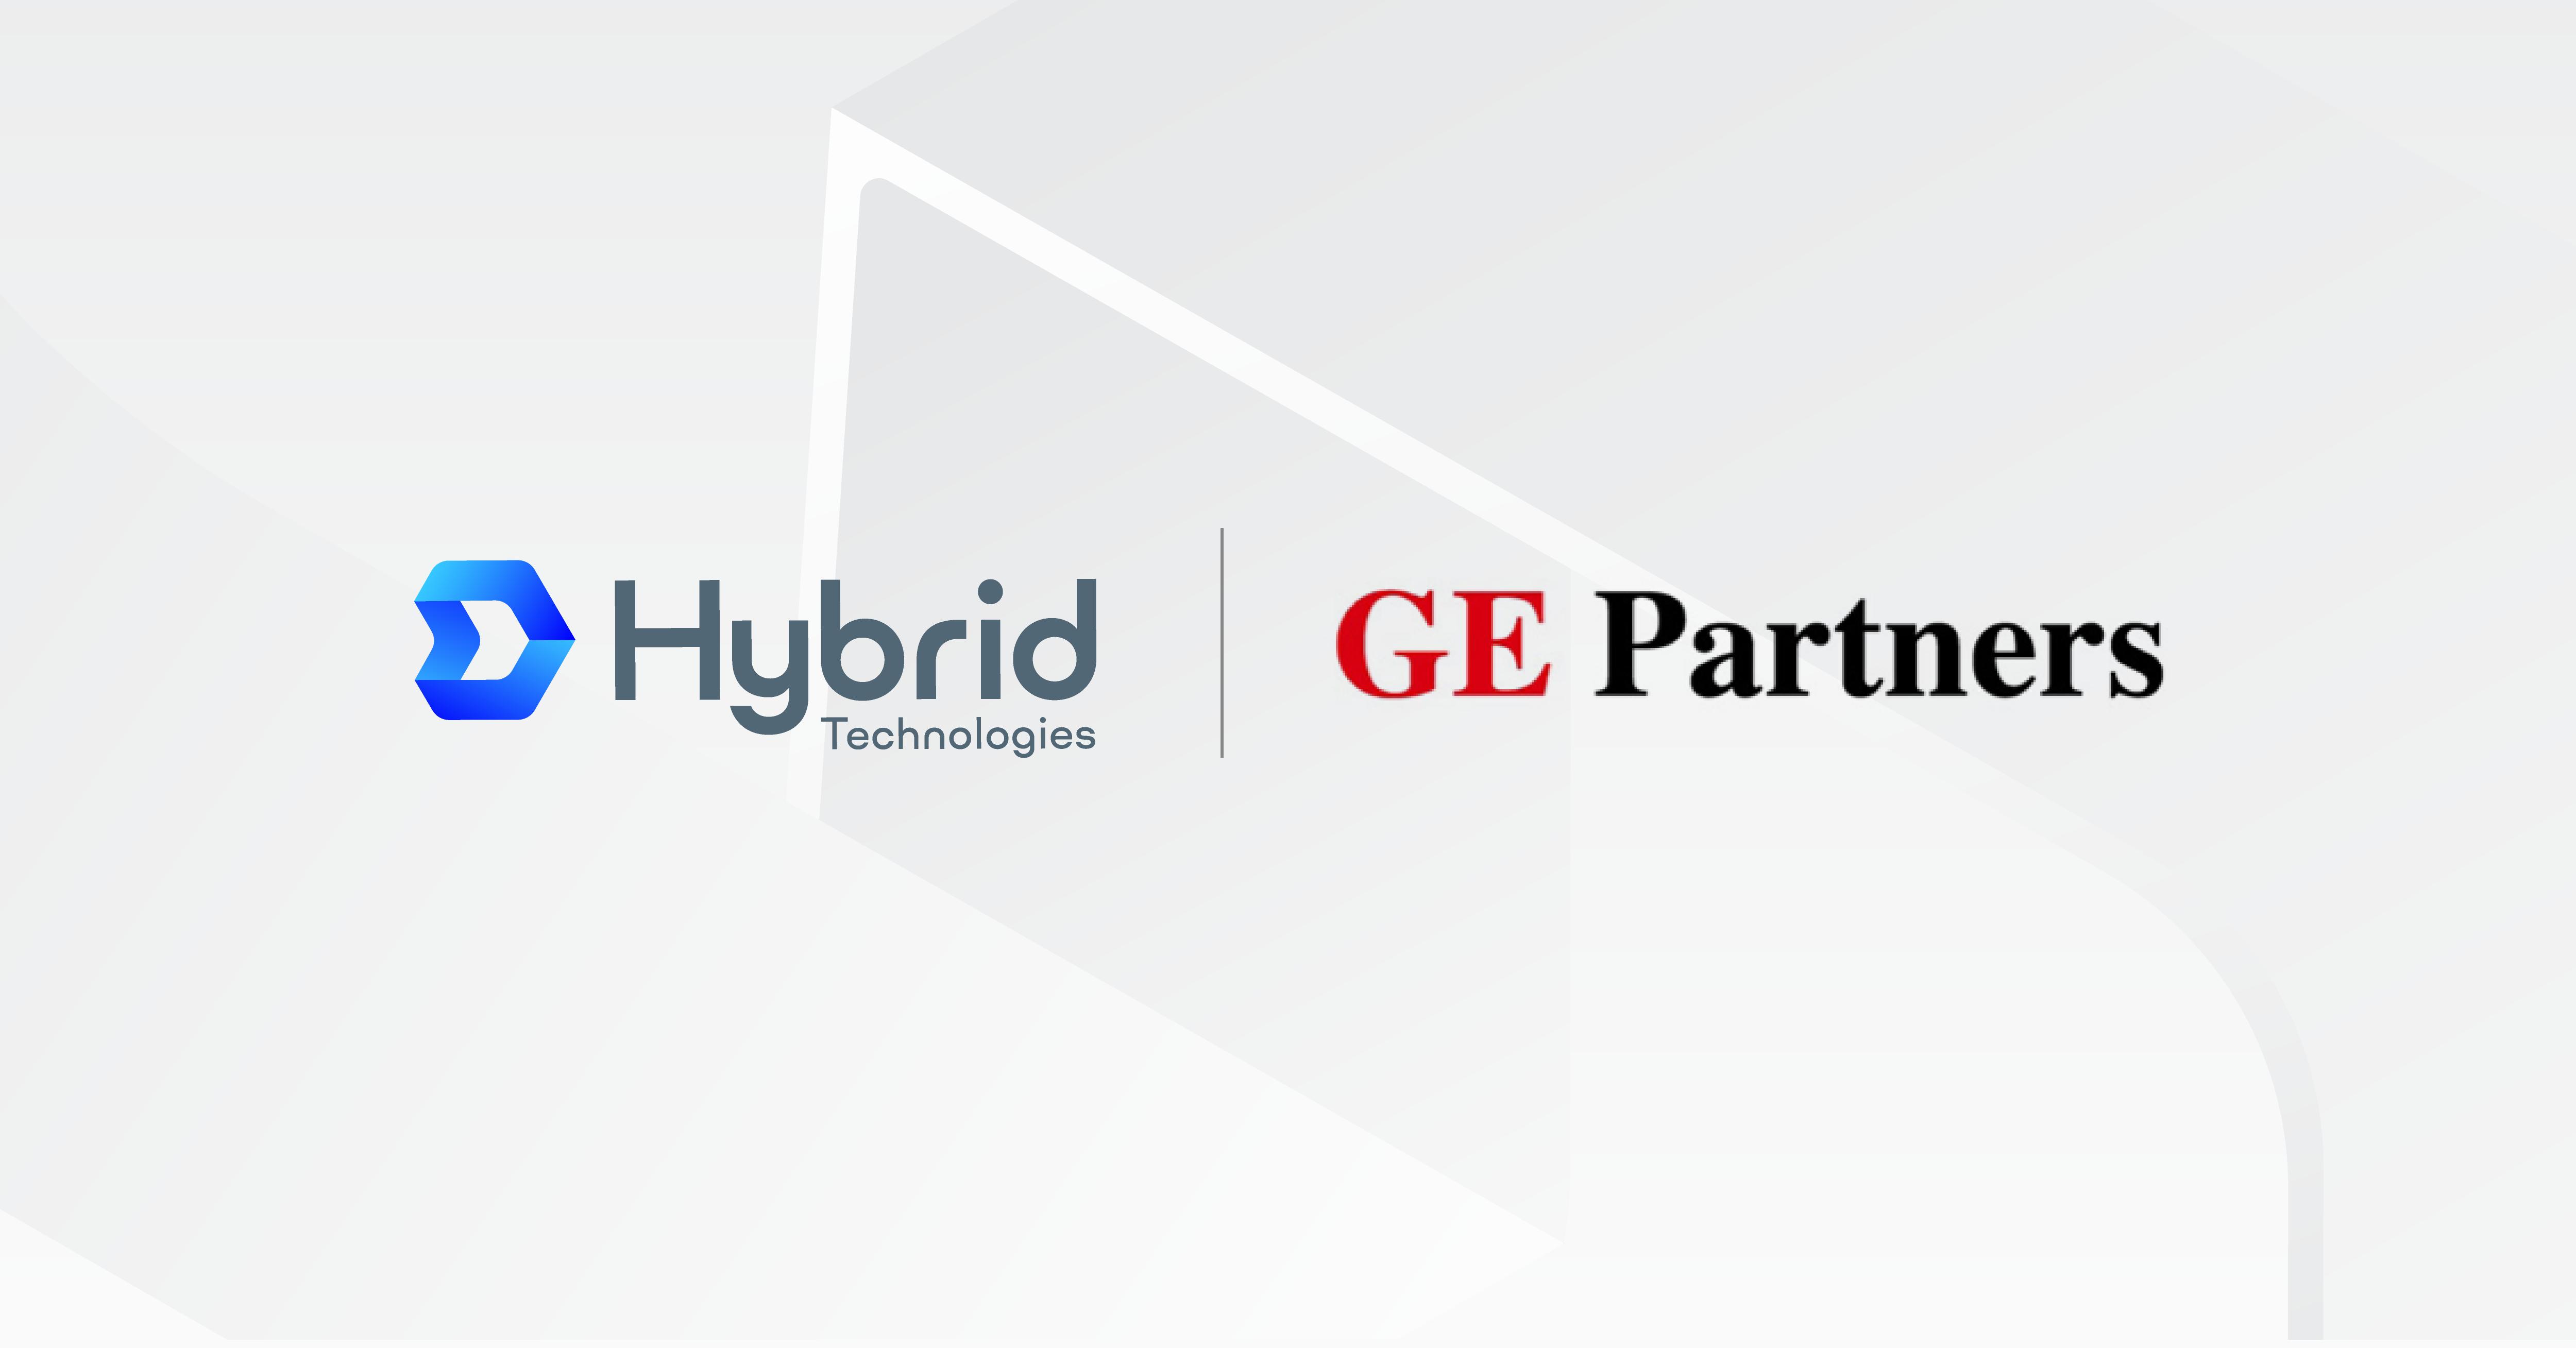 HYBRID TECHNOLOGIES & GE PARTNERS: HỢP TÁC NÂNG CAO NĂNG LỰC TIẾNG NHẬT CỦA KỸ SƯ VIỆT NAM